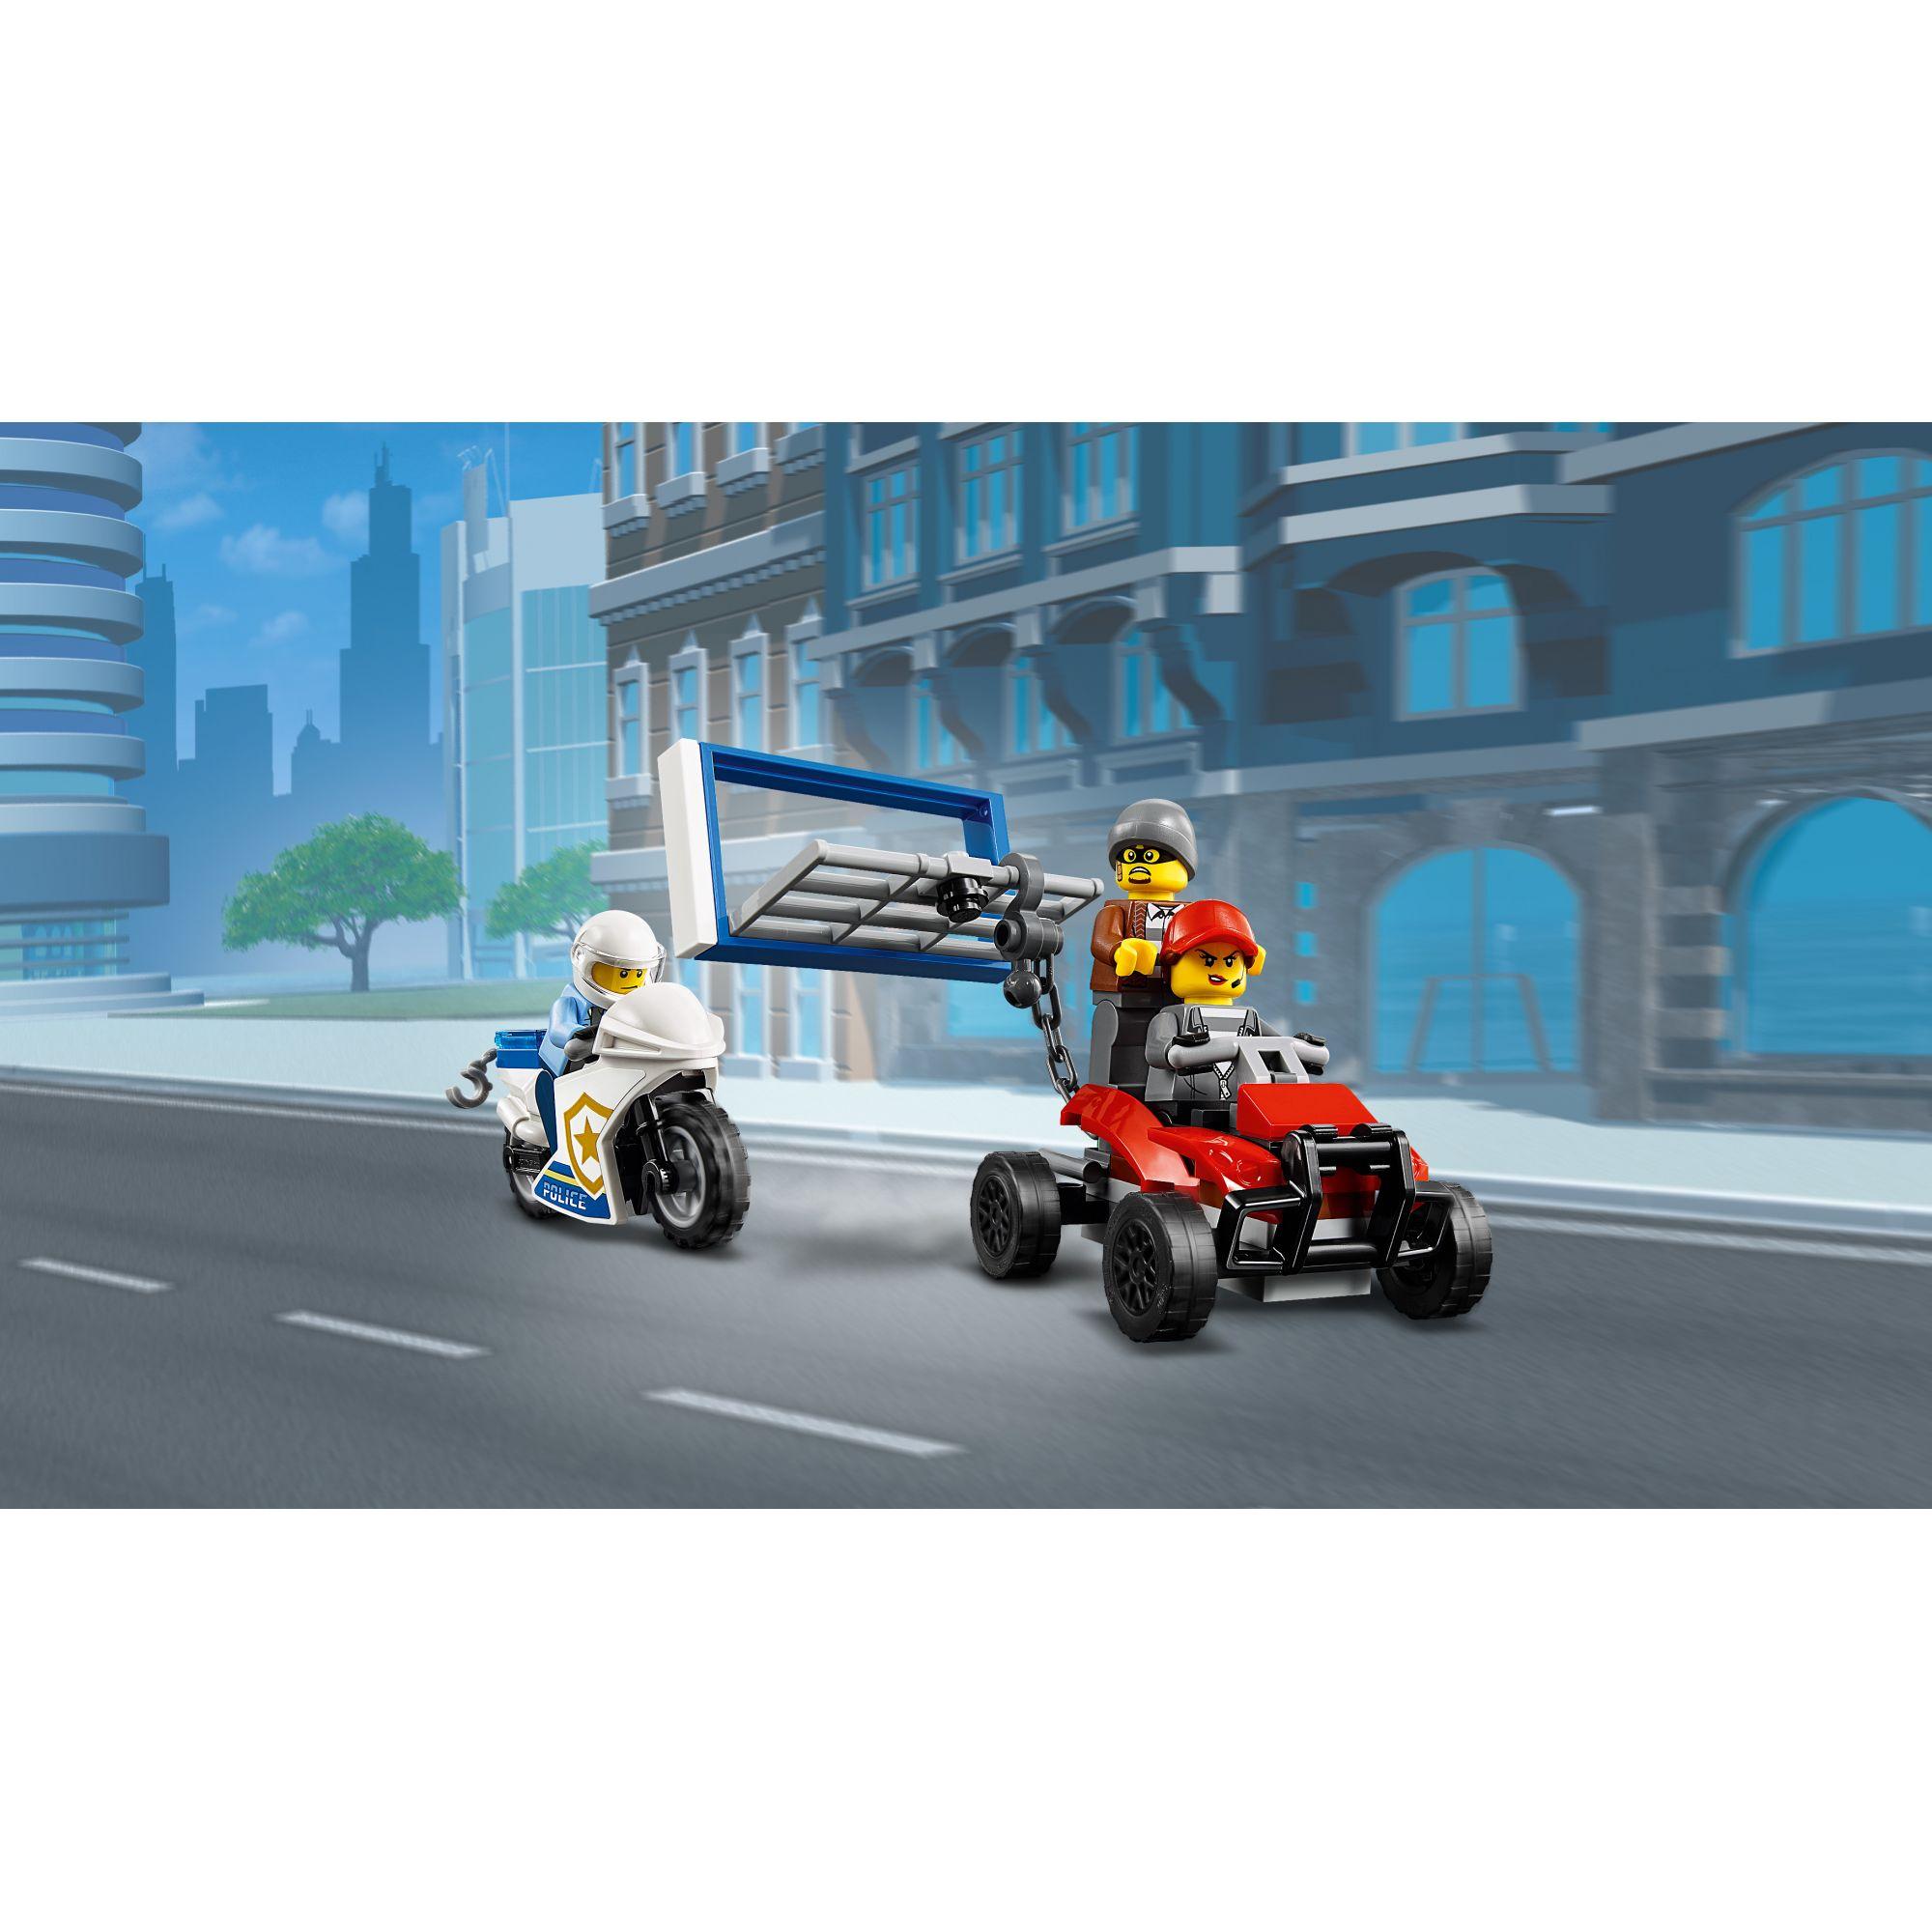 LEGO CITY   LEGO City Trasportatore di elicotteri della polizia - 60244